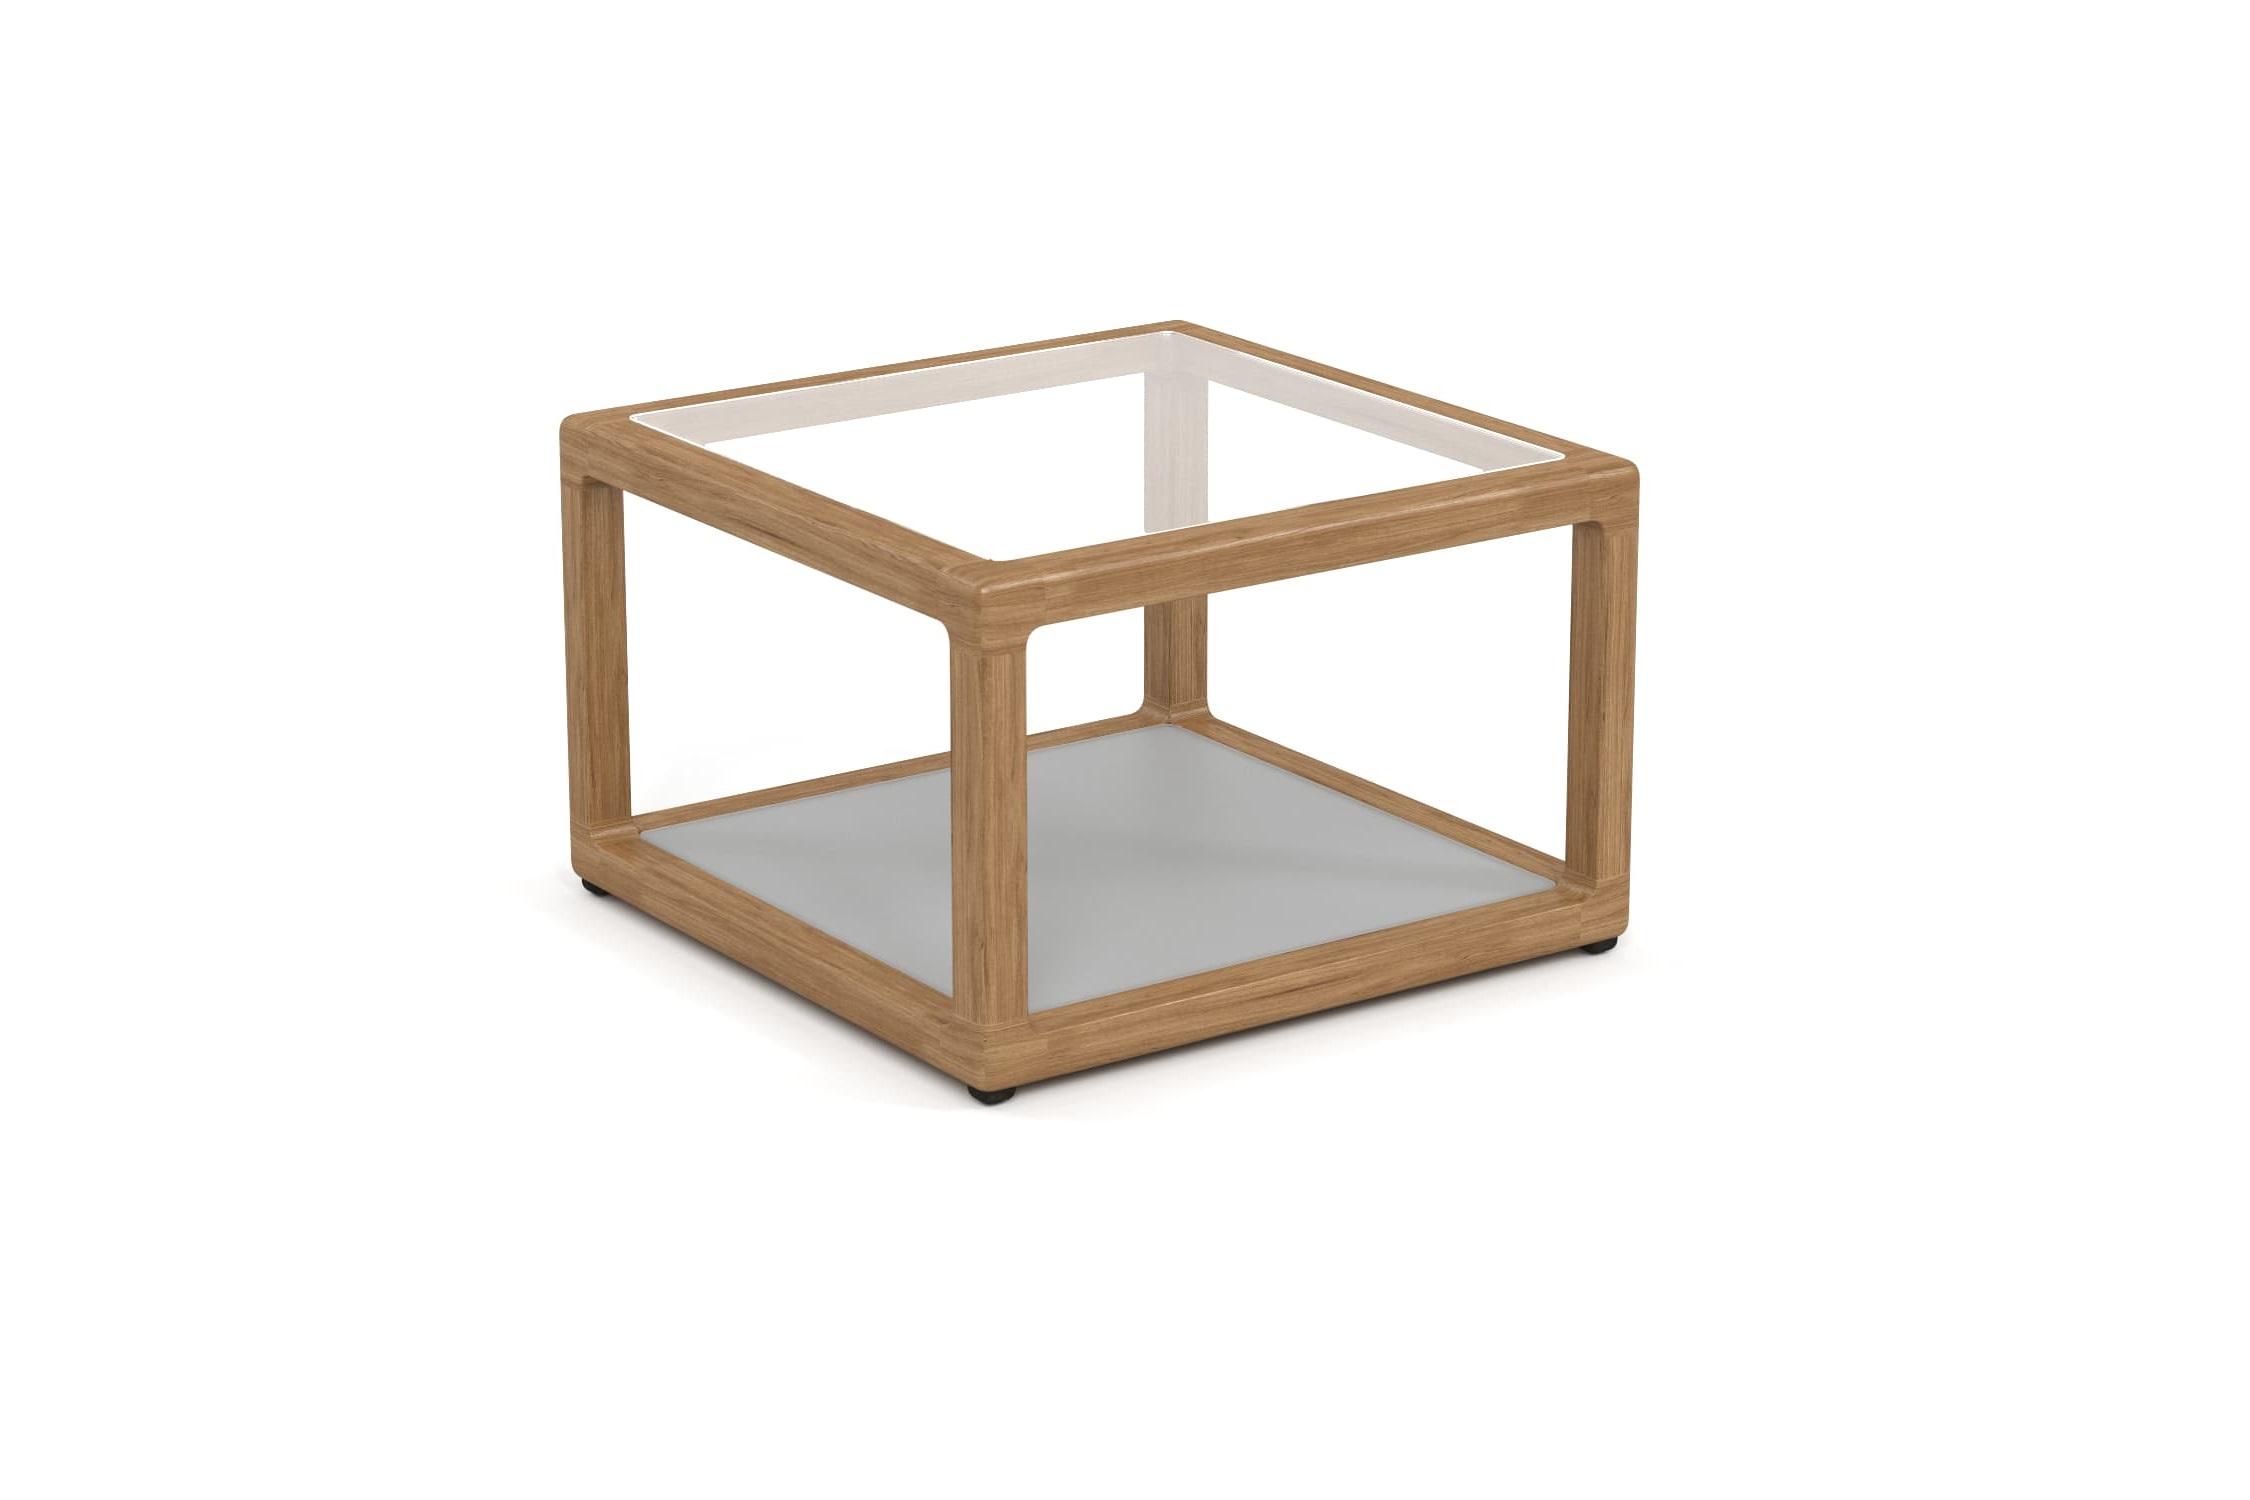 Стол журнальный SeagullСтолы и столики для сада<br>&amp;lt;div&amp;gt;Коллекция SEAGULL – воплощение природной простоты и естественного совершенства. Мебель привлекает тёплыми тонами, уникальностью материала и идеальными пропорциями. Стеклянные столешницы обеденных и журнальных столов по цвету гармонируют с тканью подушек, удобные диваны и «утопающие» кресла дарят ощущения спокойствия и комфорта.&amp;amp;nbsp;&amp;lt;/div&amp;gt;&amp;lt;div&amp;gt;&amp;lt;br&amp;gt;&amp;lt;/div&amp;gt;&amp;lt;div&amp;gt;Тик – прочная и твердая древесина, относится к ценным породам. Имеет темно-золотистый цвет и сохраняет его на протяжении очень длительного срока. Со временем приобретает благородный темно-серый или темно-коричневый цвет. Благодаря высокому содержанию природных масел, обладает высокой стойкостью против гниения, кислот и щелочей, не вызывает коррозию металлов. Тик содержит кислоты кремния и танина, придающие материалу стойкость к воздействию вредных внешних факторов. Древесина тика не подвержена воздействию термитов, не требует дополнительной антибактериальной обработки. Мебель из тика допускает круглогодичную эксплуатацию на открытом воздухе, выдерживает перепады температур от –30 до +30С. Срок службы более 25 лет.&amp;amp;nbsp;&amp;lt;/div&amp;gt;&amp;lt;div&amp;gt;&amp;lt;br&amp;gt;&amp;lt;/div&amp;gt;&amp;lt;div&amp;gt;Вся фурнитура изготовлена из нержавеющей стали на собственном производстве.&amp;amp;nbsp;&amp;lt;/div&amp;gt;&amp;lt;div&amp;gt;&amp;lt;br&amp;gt;&amp;lt;/div&amp;gt;<br><br>&amp;lt;iframe width=&amp;quot;530&amp;quot; height=&amp;quot;300&amp;quot; src=&amp;quot;https://www.youtube.com/embed/uL9Kujh07kc&amp;quot; frameborder=&amp;quot;0&amp;quot; allowfullscreen=&amp;quot;&amp;quot;&amp;gt;&amp;lt;/iframe&amp;gt;<br><br>Material: Тик<br>Ширина см: 60<br>Высота см: 40<br>Глубина см: 60